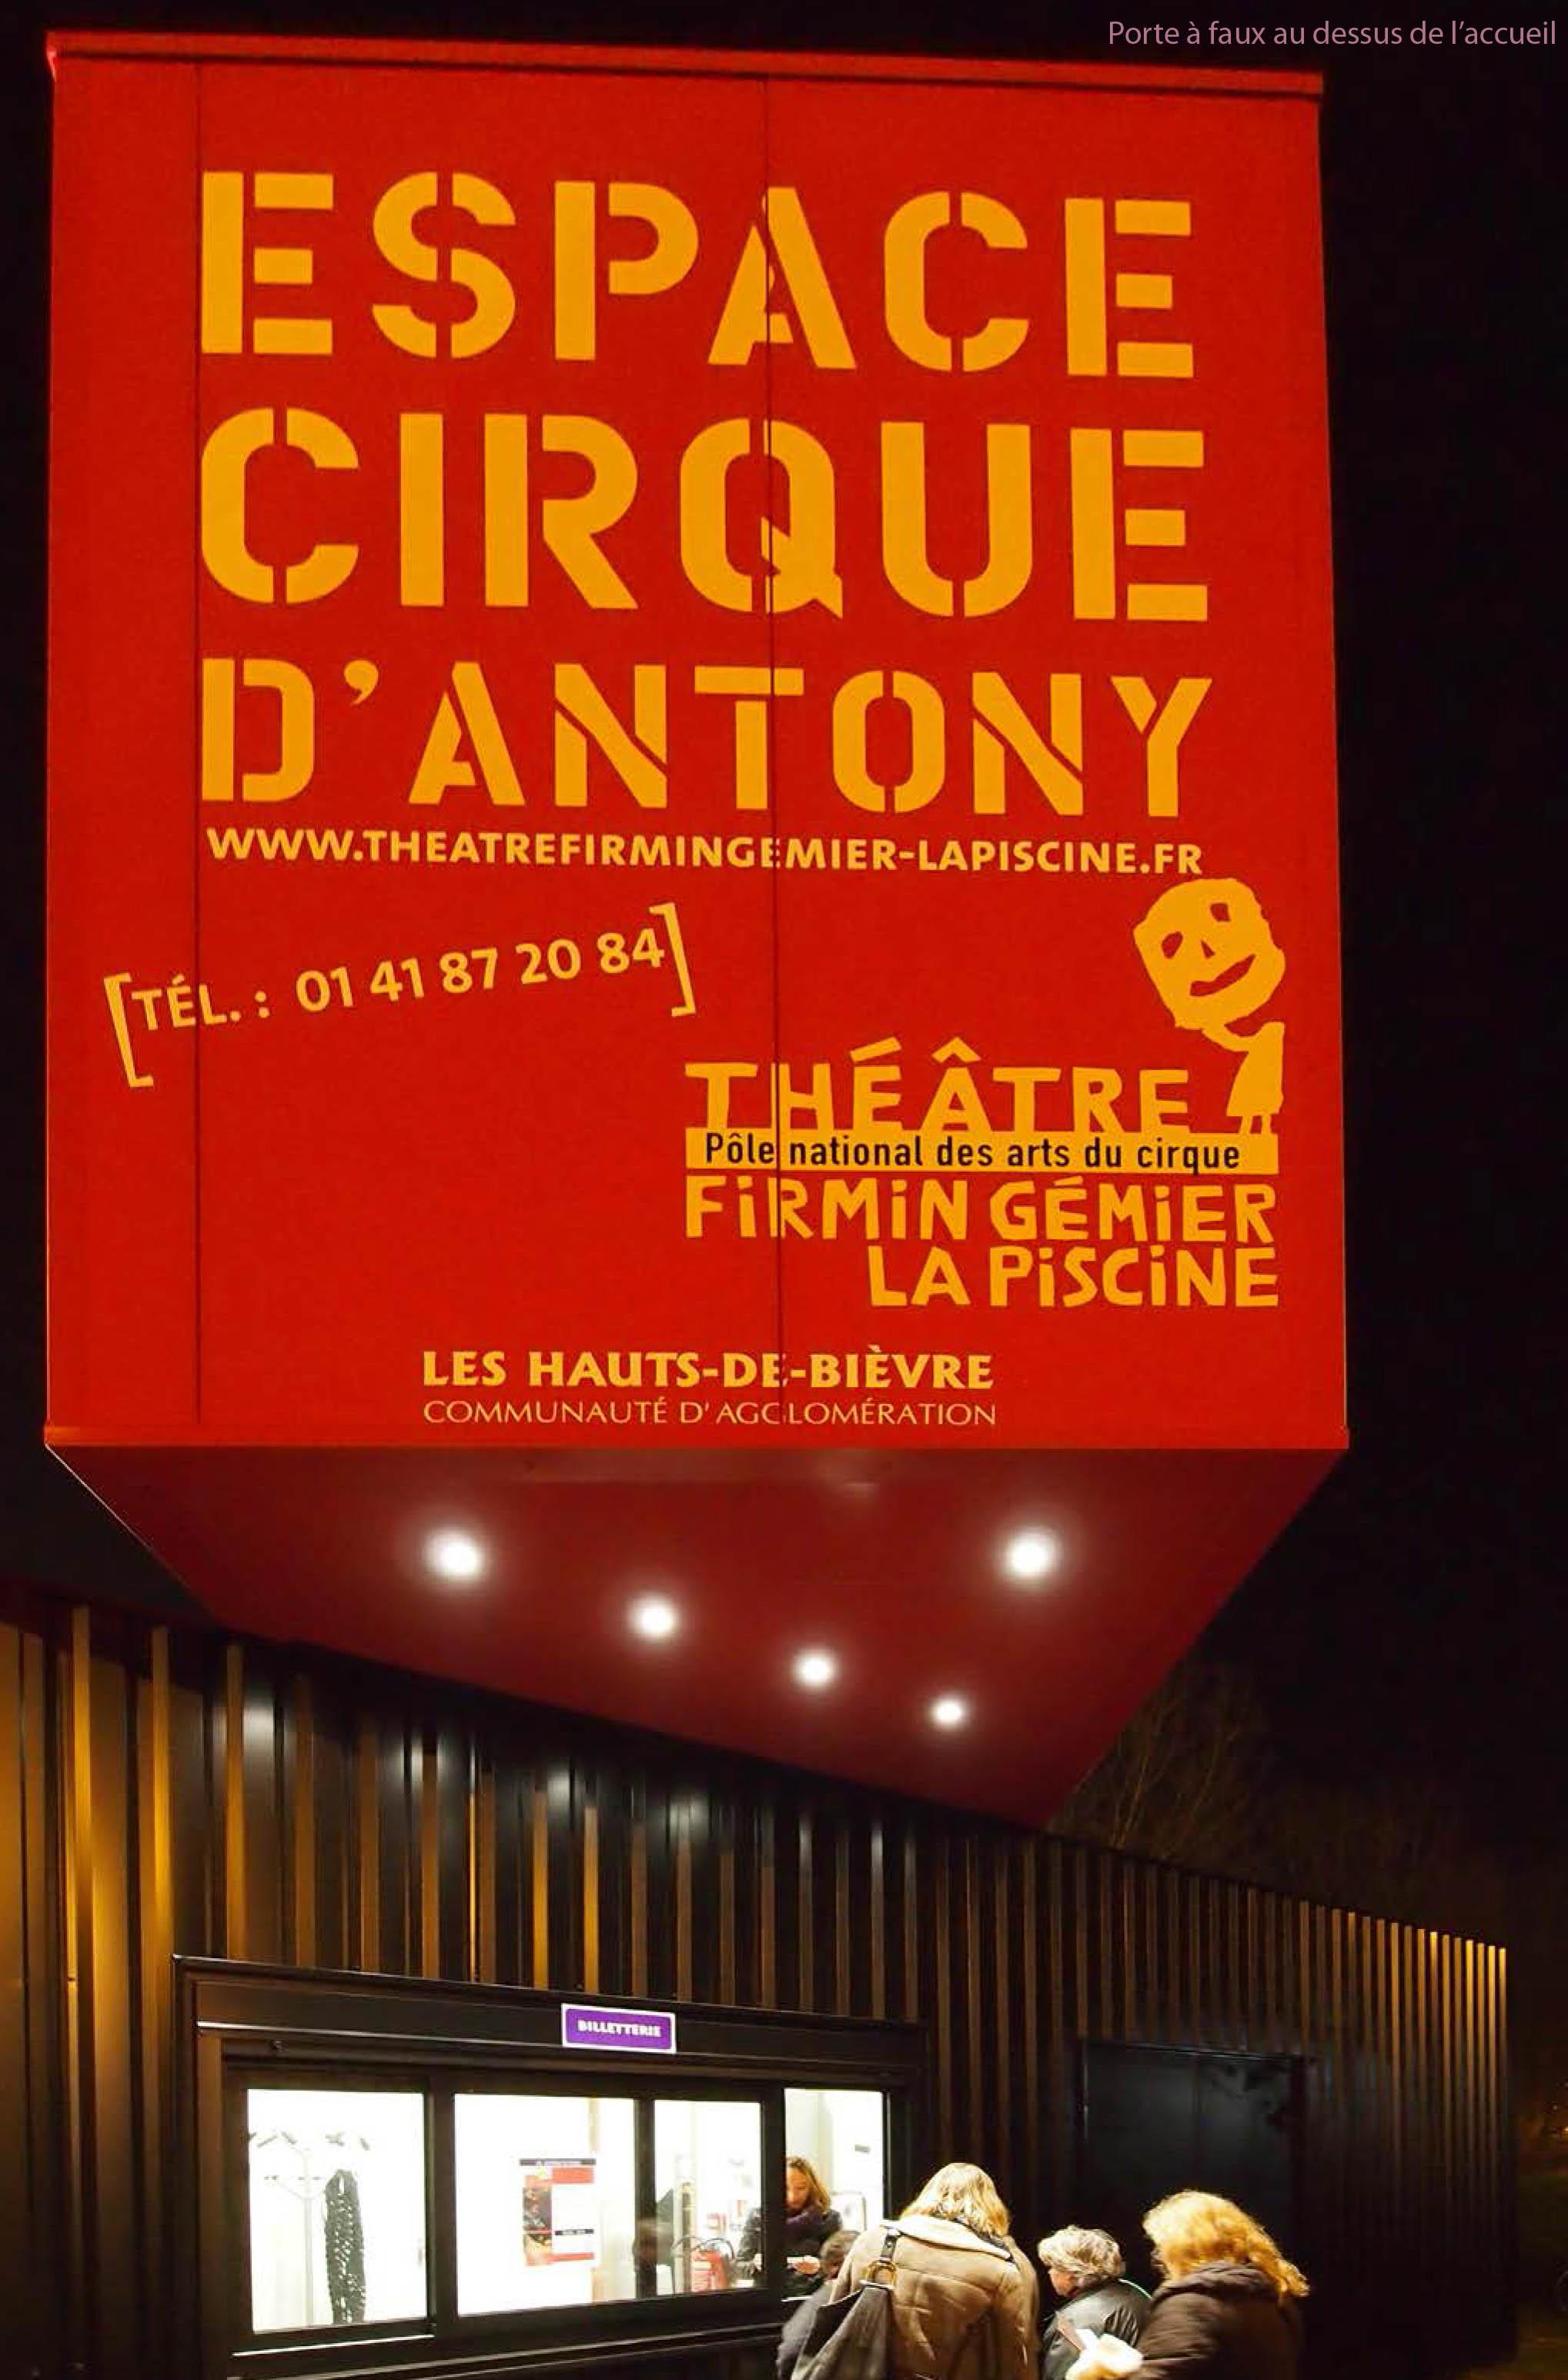 Espace cirque de la ville d'Anthony par MAD